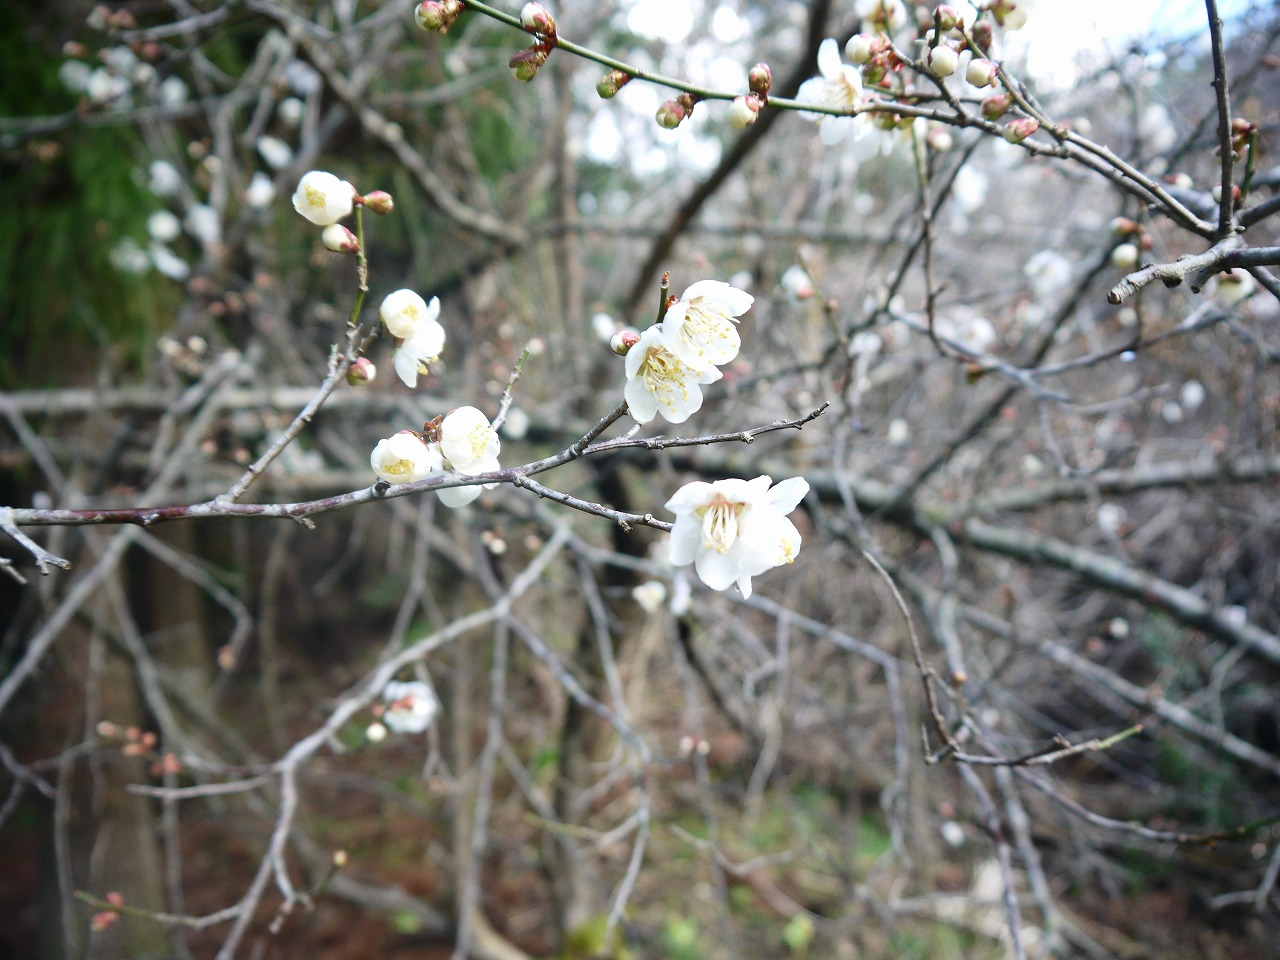 山に行ったら梅の花が咲いていて小さい足跡も見つけた